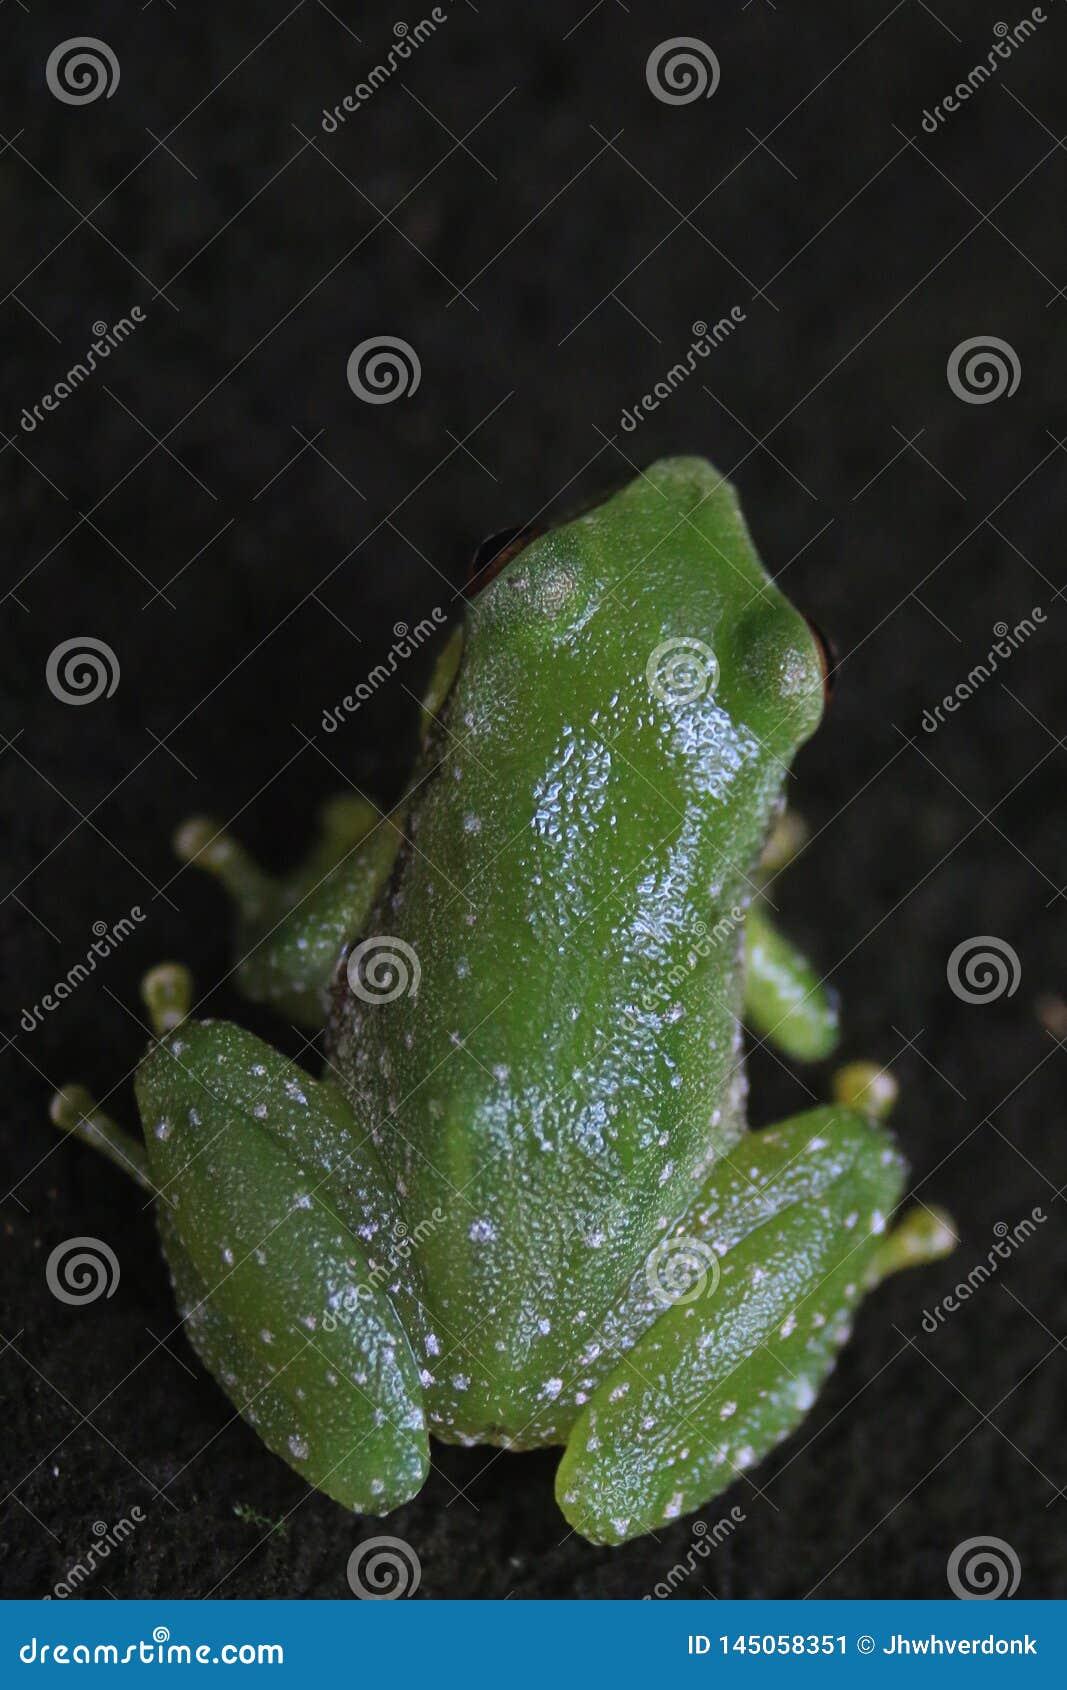 Plecy mała zielona żaba z małymi białymi punktami